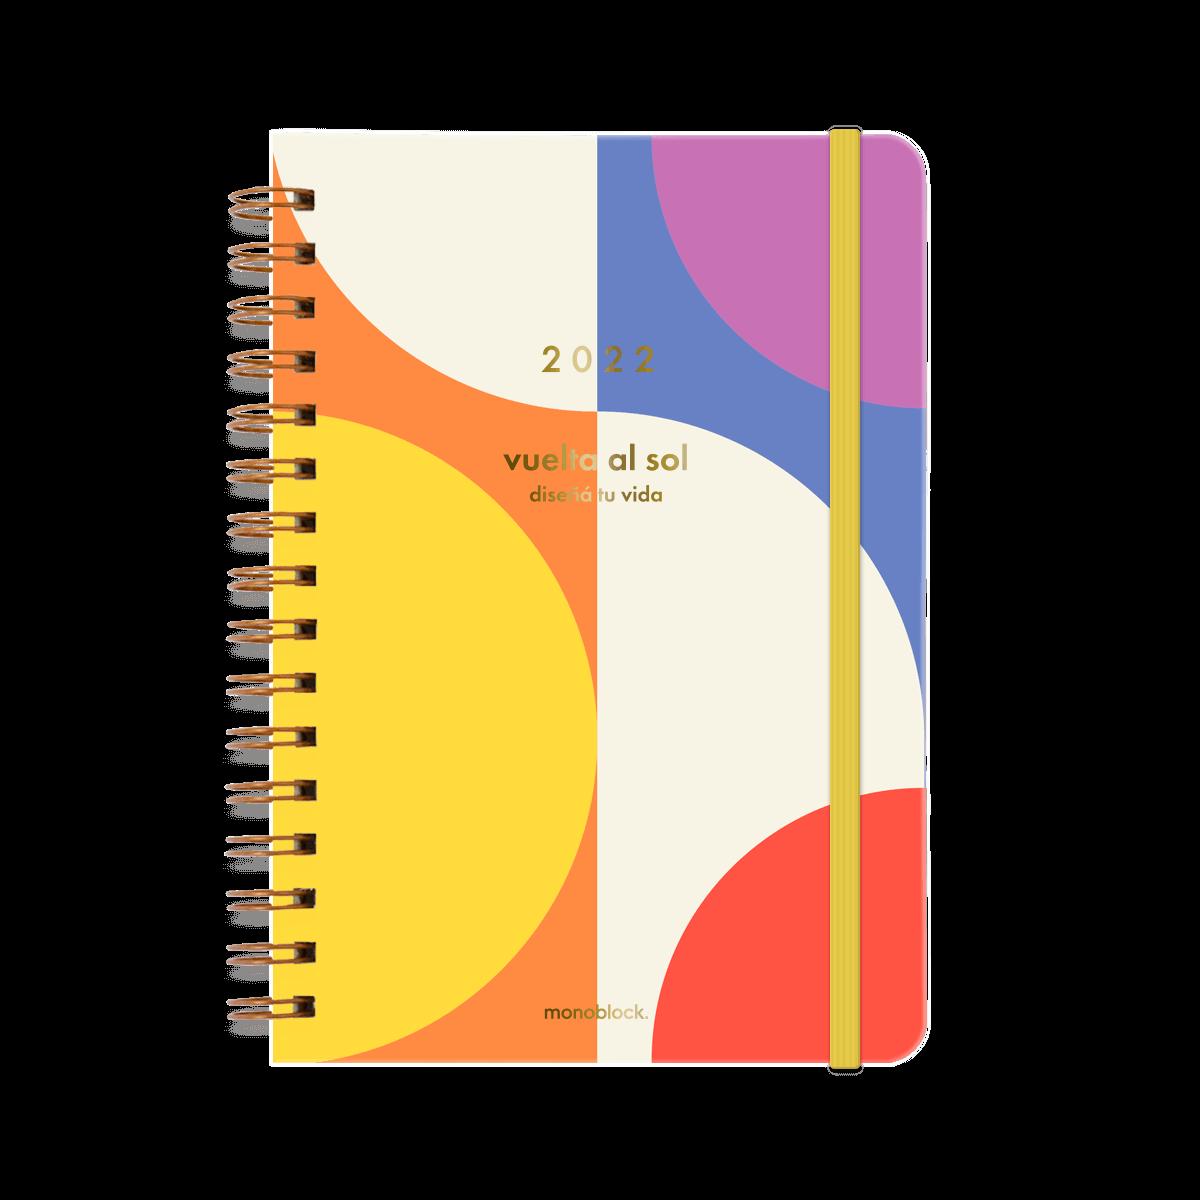 Agenda Vuelta al sol 2022 anillada en tapa dura con elástico amarillo, de colores vibrantes como el arcoiris y puntas redondeadas, con detalles en metalizado dorado.